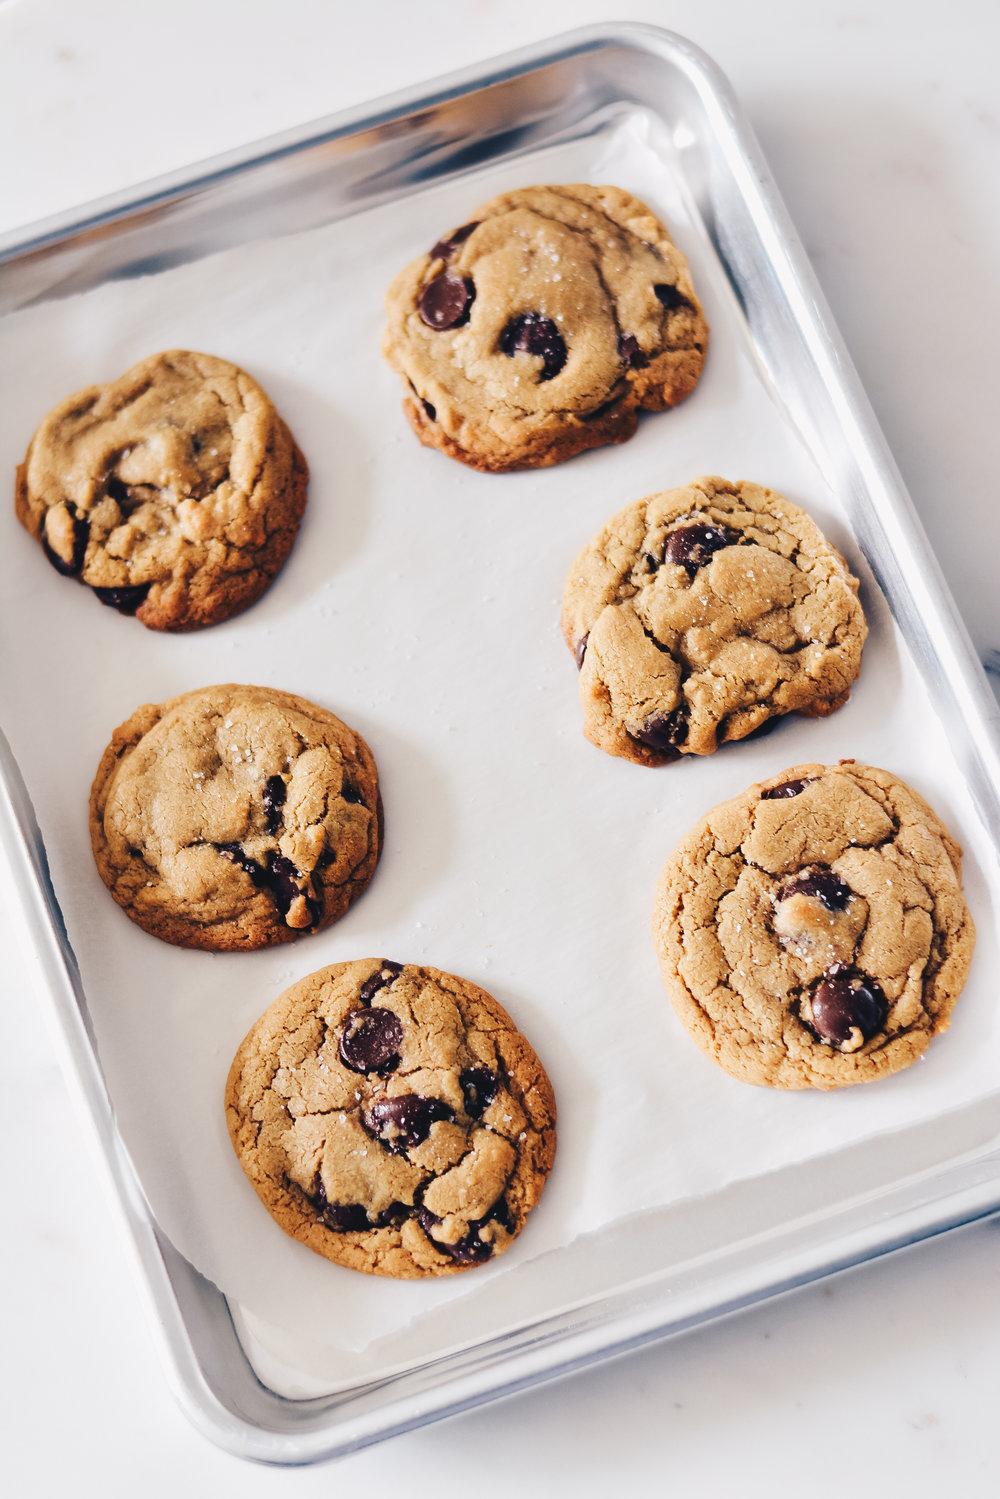 smallbatchchocolatechipcookies-5.jpg